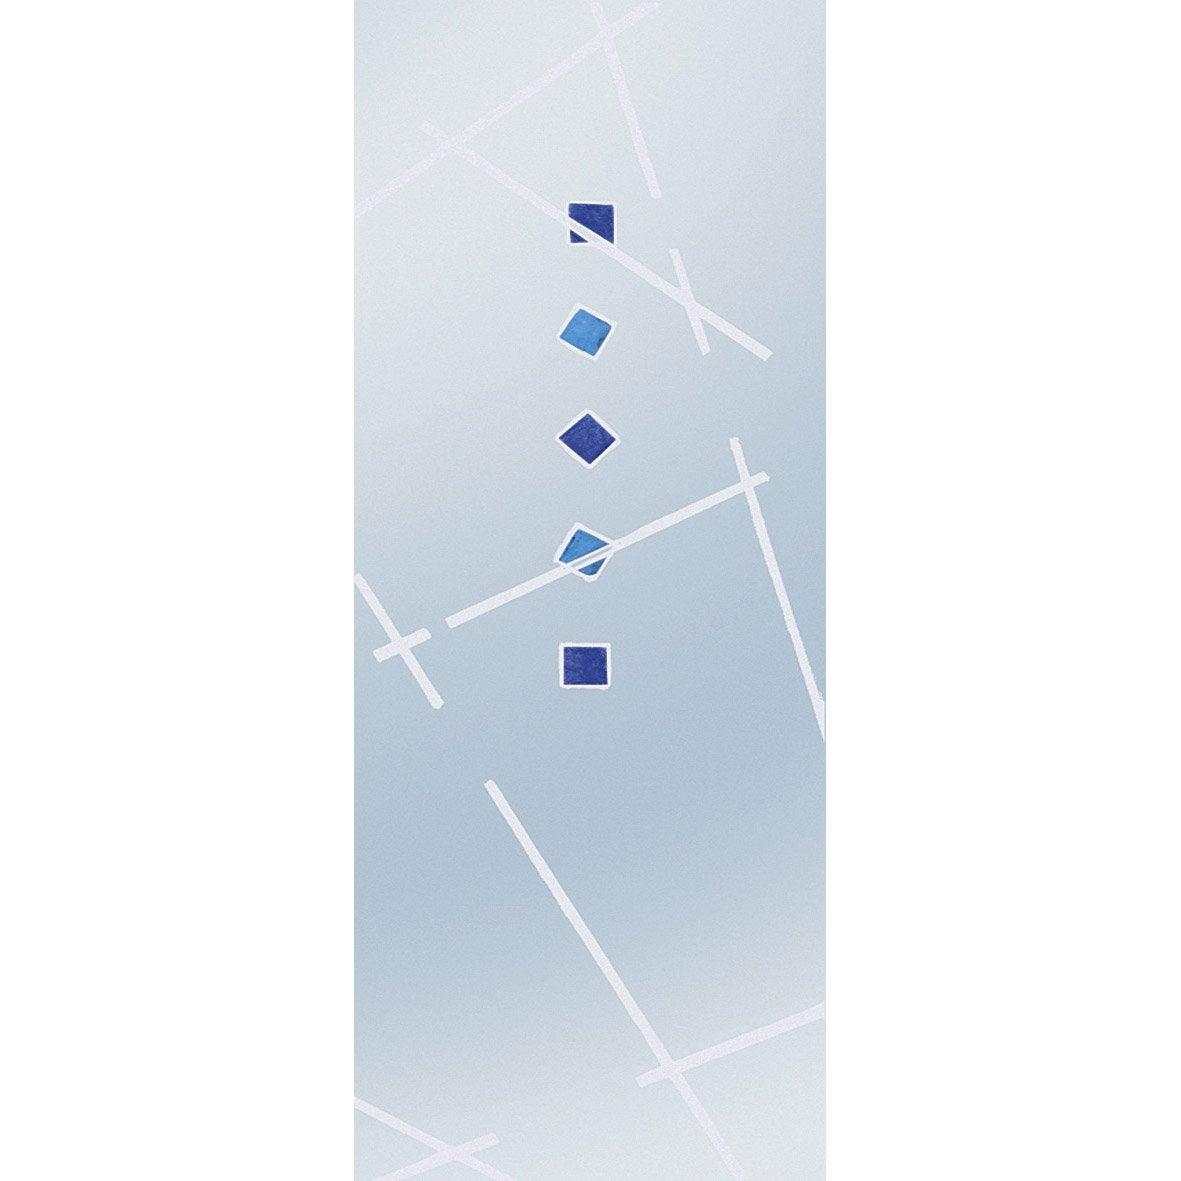 Porte coulissante verre tremp fusion eclisse 211 x 73 cm - Porte verre coulissante leroy merlin ...